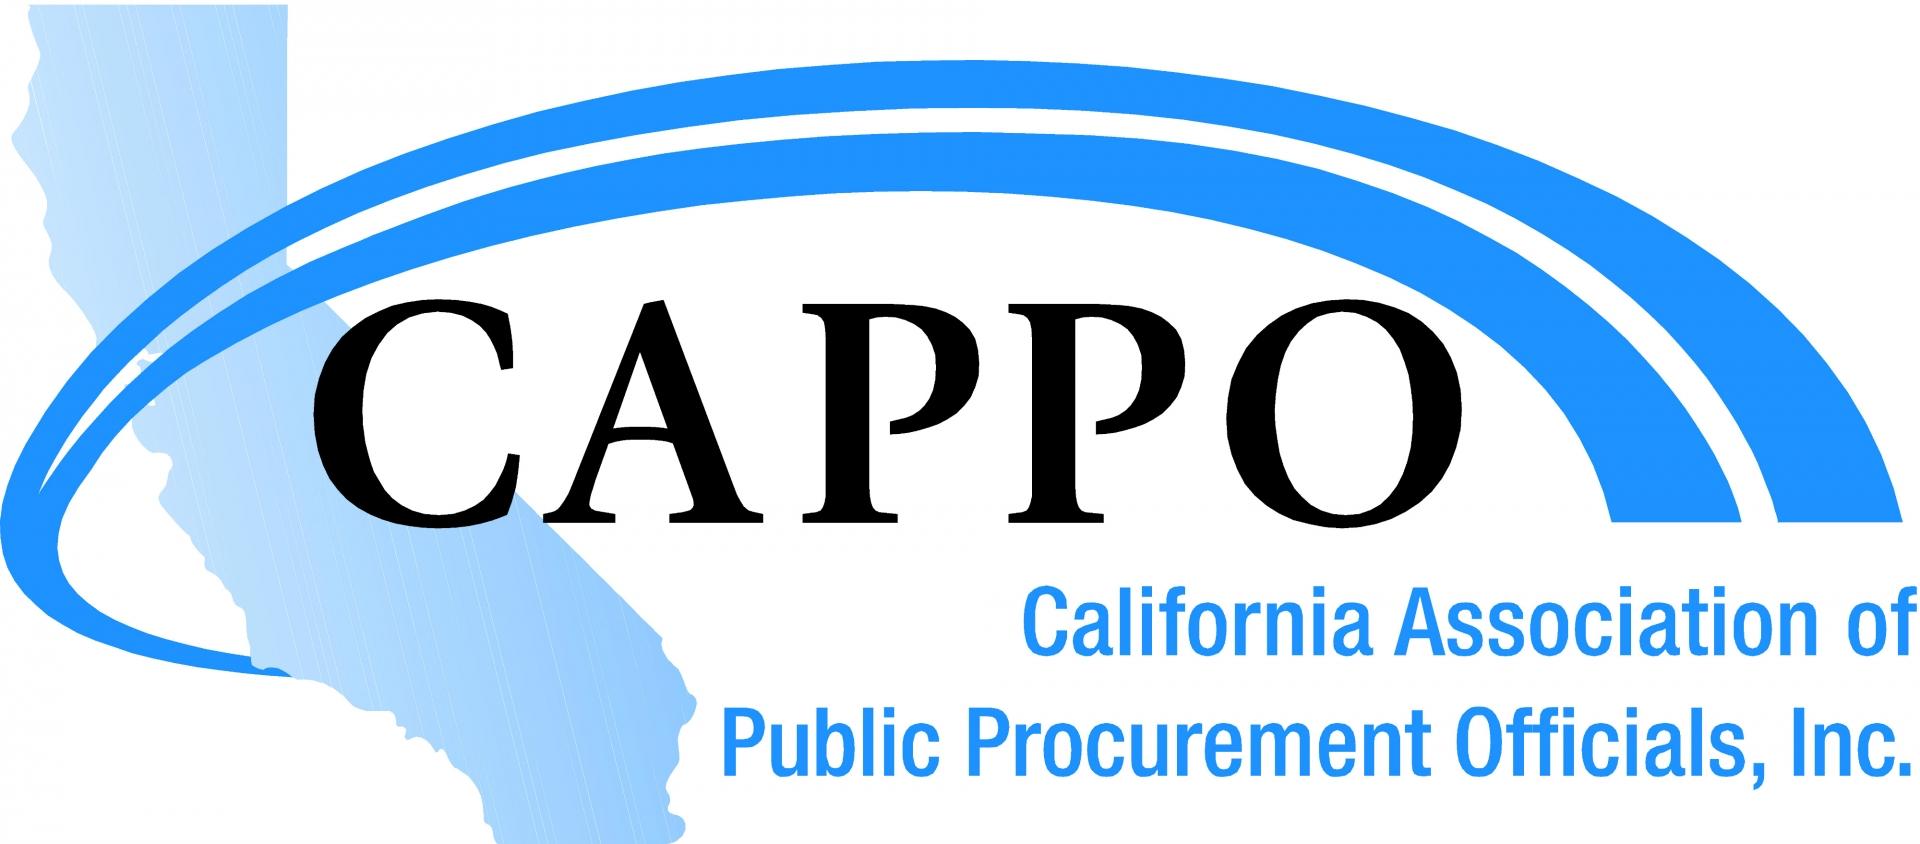 CAPPO logo